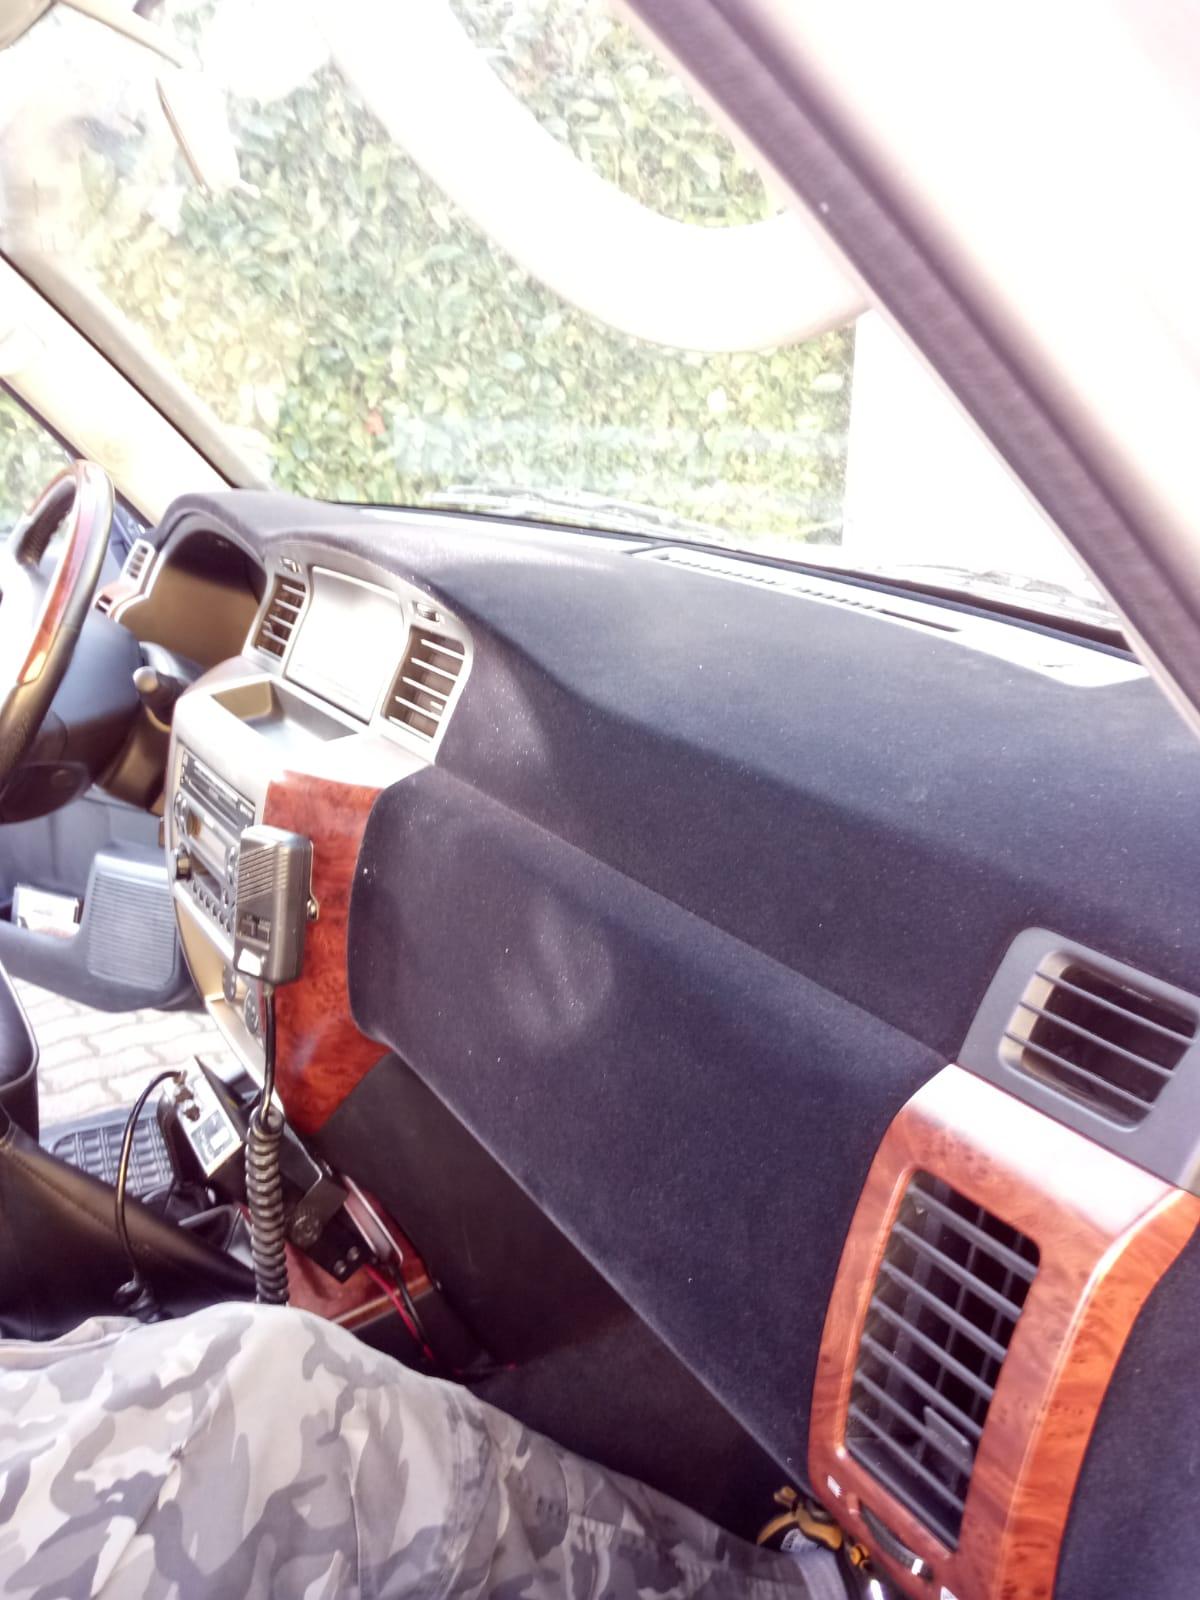 Nissan Patrol Armaturenbrett entfernung von Blasen via Beflockung